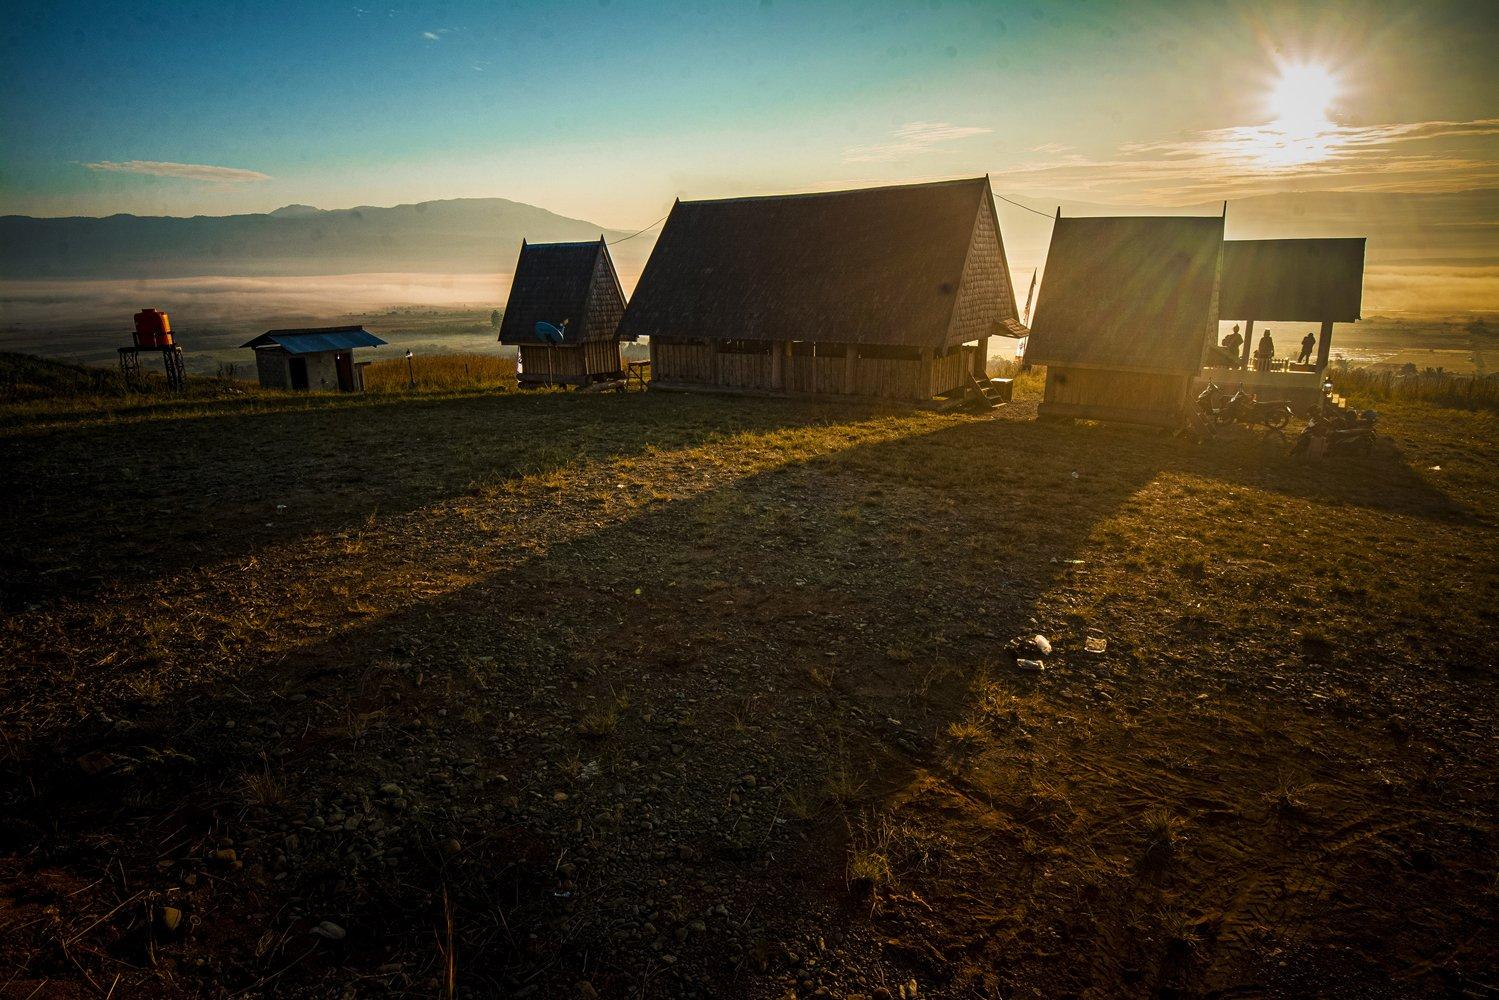 Suasana peternakan leluhur dengan Rumah Tambingnya di puncak Desa Winowanga, Lore Timur, Poso, Sulawesi Tengah.